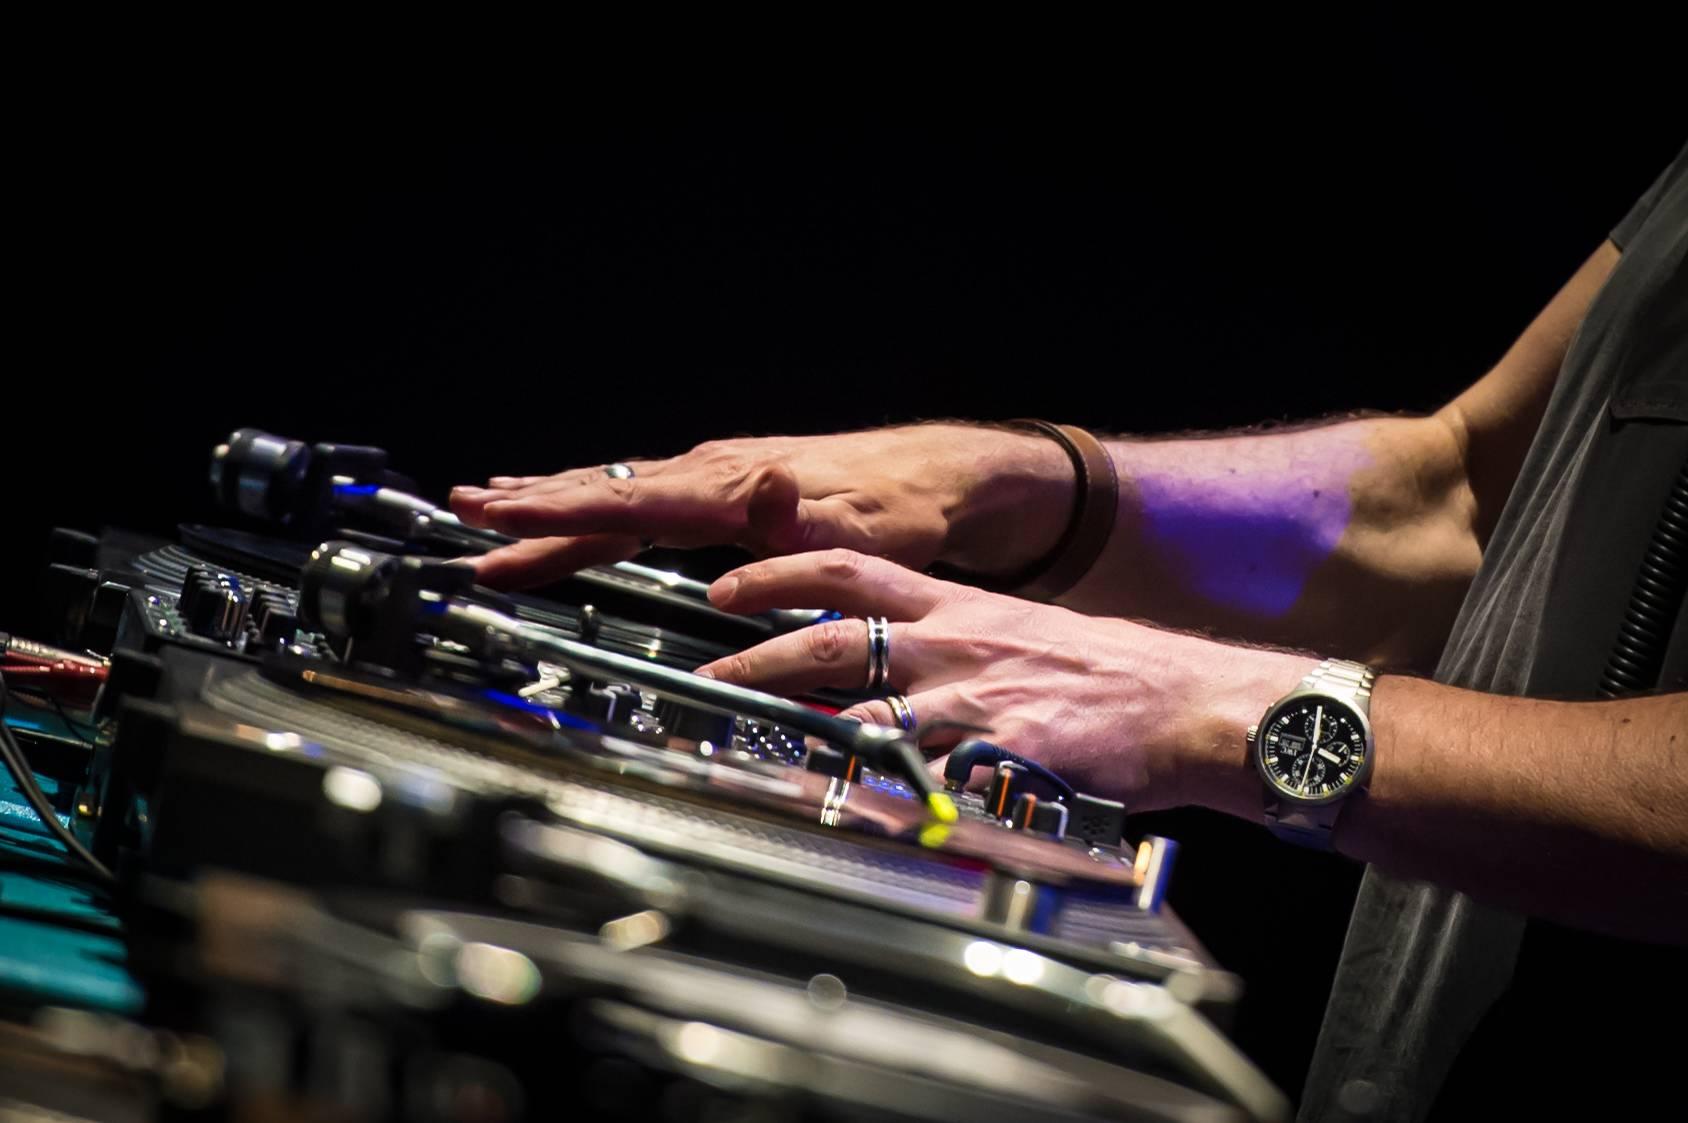 Foto-concerto-giorgio-moroder-milano-25-luglio-2015-Prandoni-151